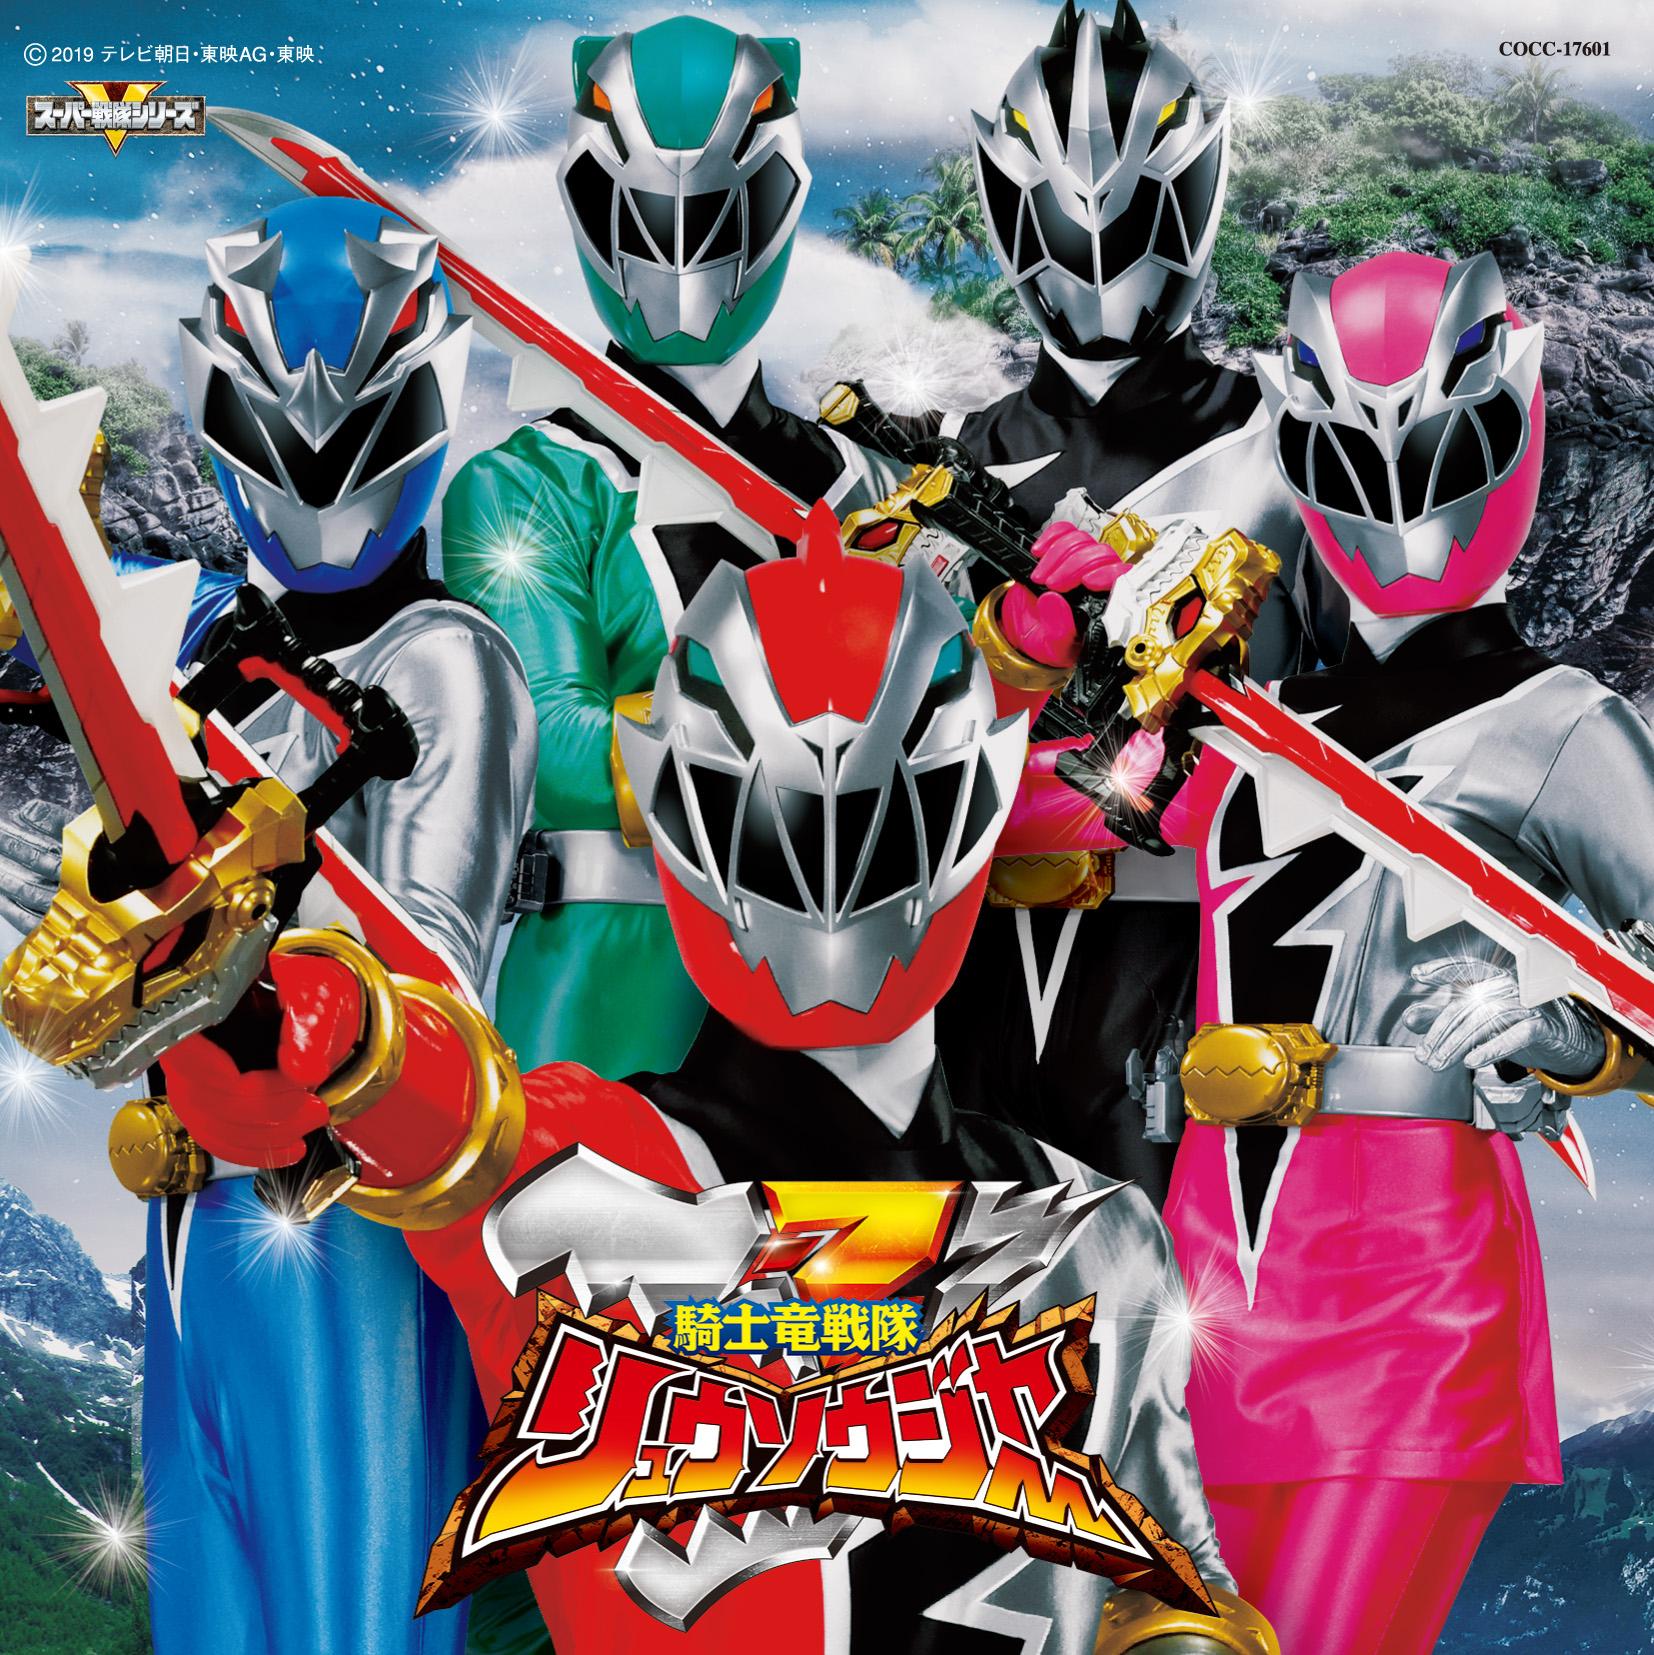 Kishiryu Sentai Ryusoulger ขบวนการอัศวินไดโนเสาร์ ริวโซลเจอร์ พากย์ไทย